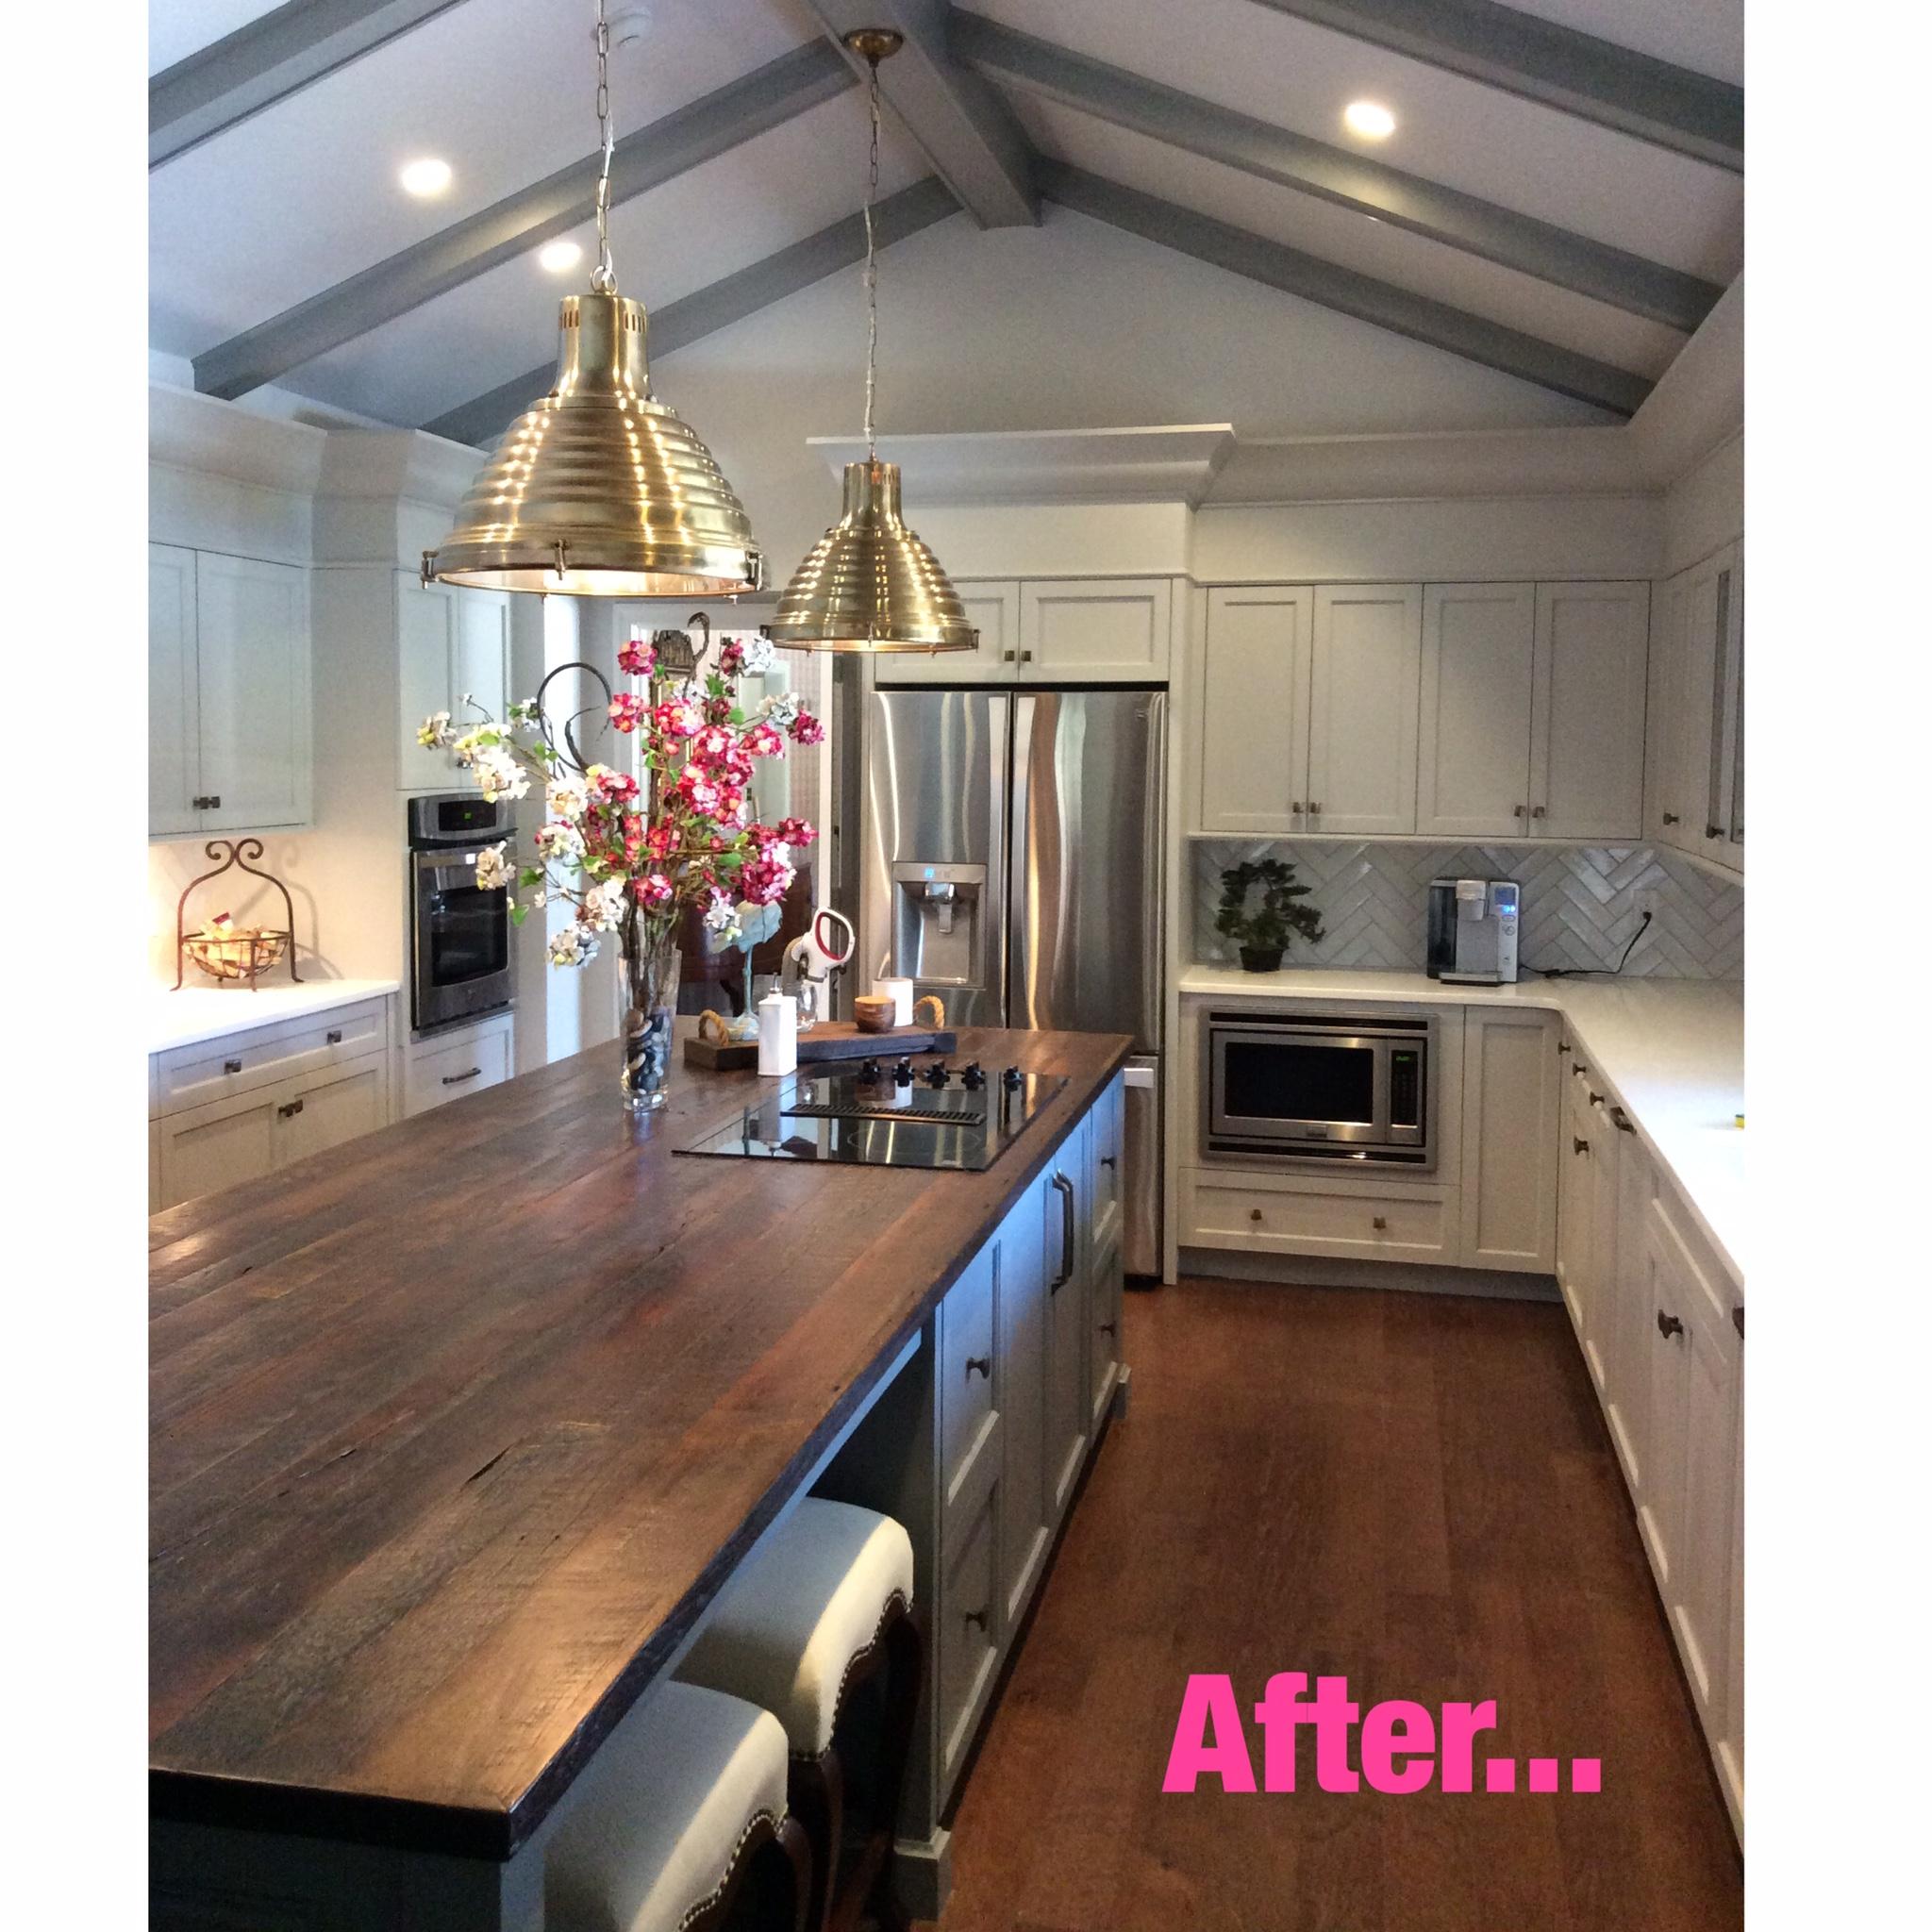 Remodel Kitchen After